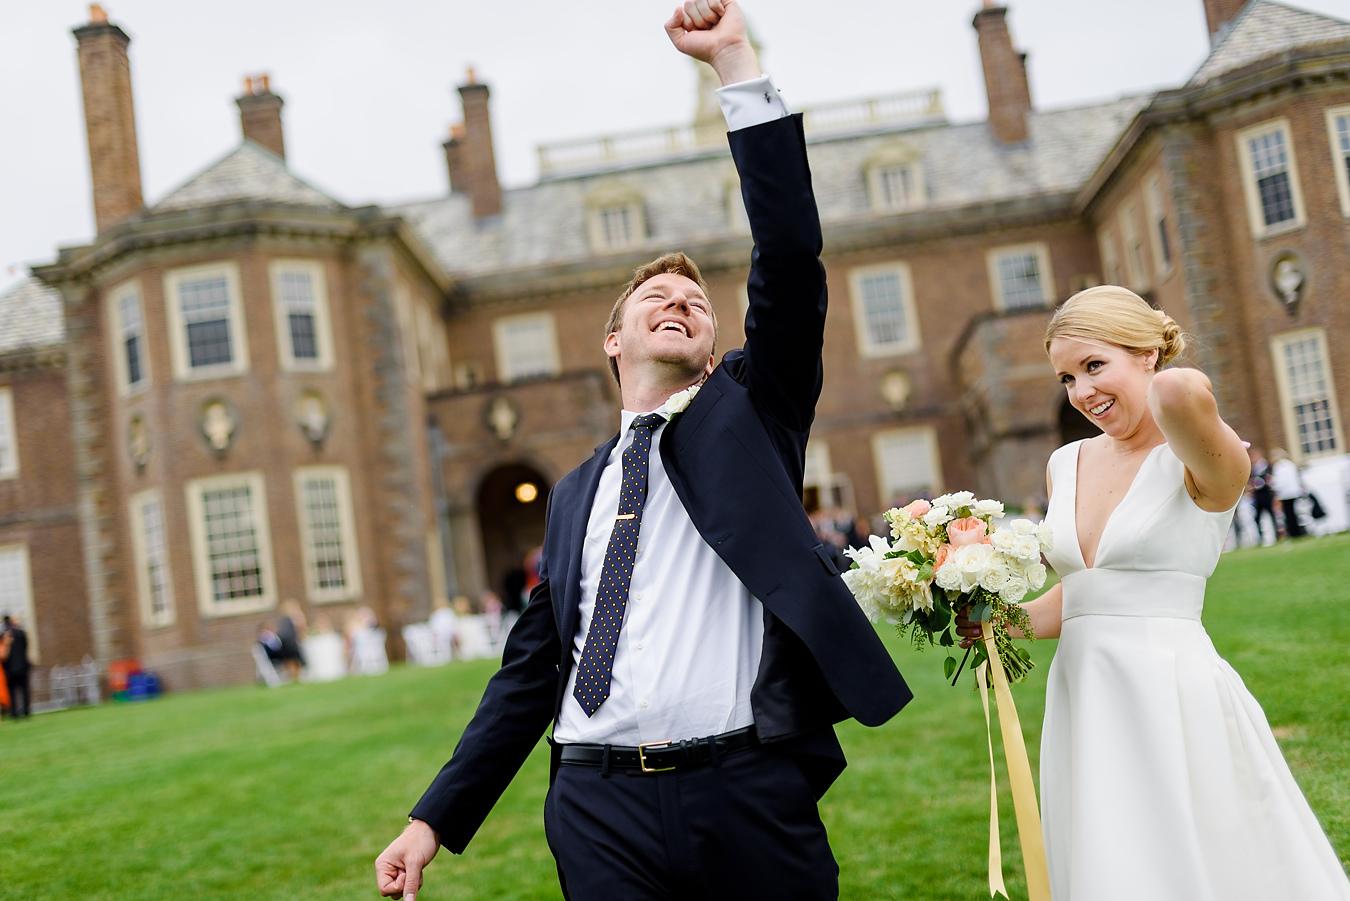 new england wedding planning ideas